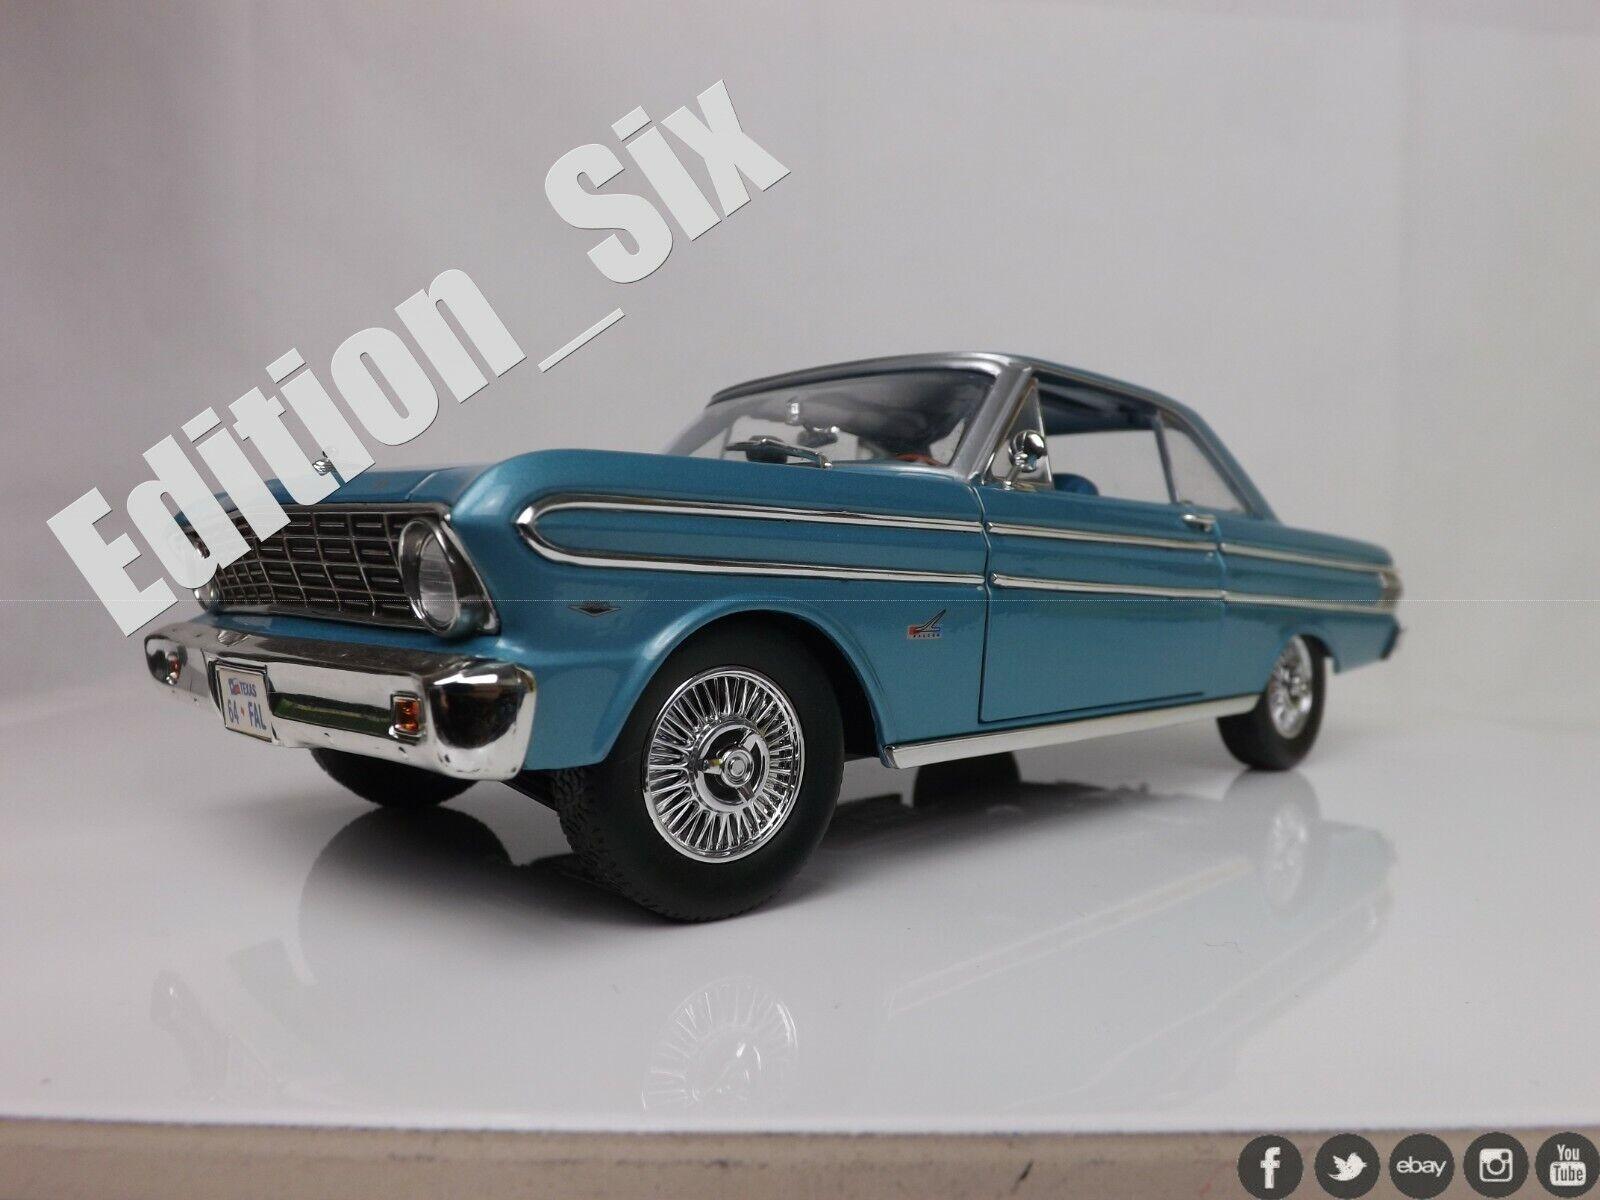 Road Signature 1 18 1964 FORD FALCON FUTURA Classic american car model